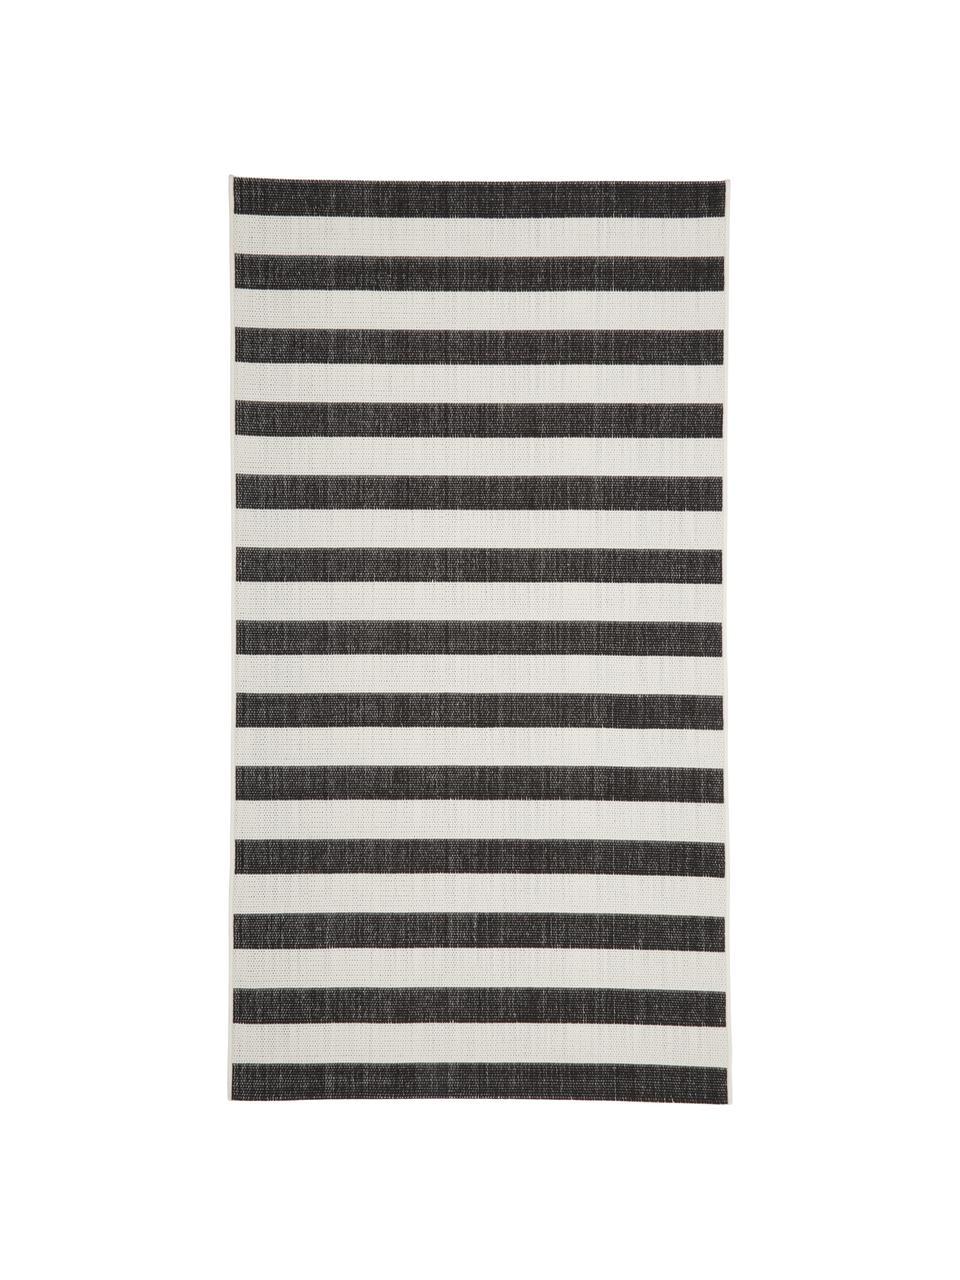 Pruhovaný vnitřní avenkovní koberec Axa, Krémově bílá, černá